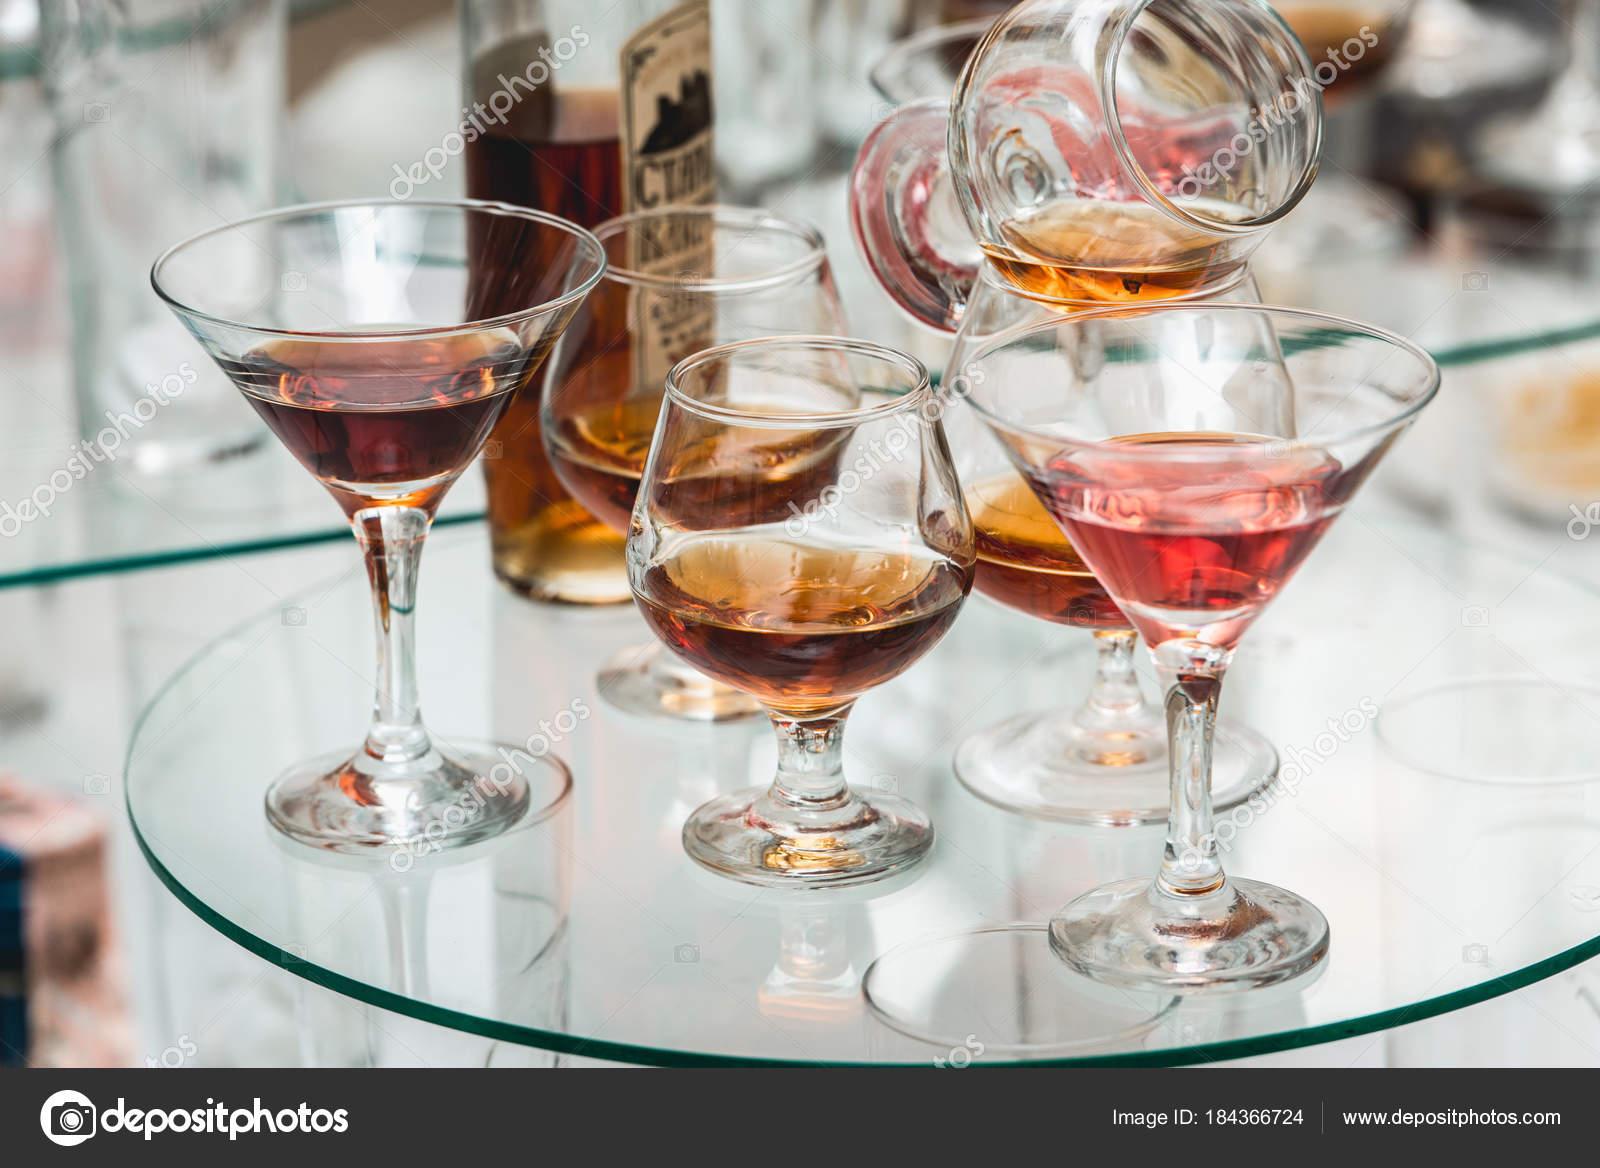 verschiedene alkoholische Getränke auf einem Glas-Ständer. Wein ...